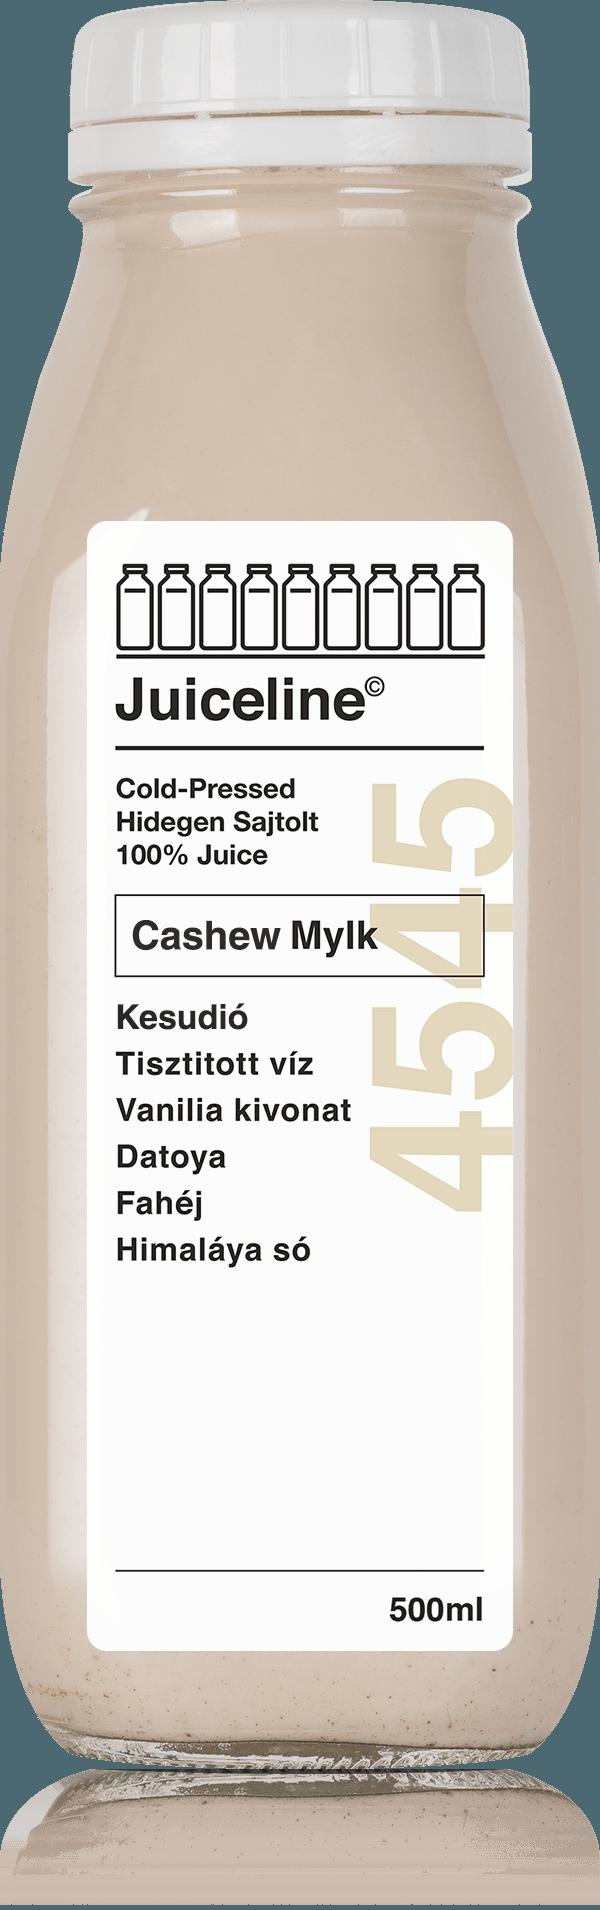 4545 Cashew Mylk